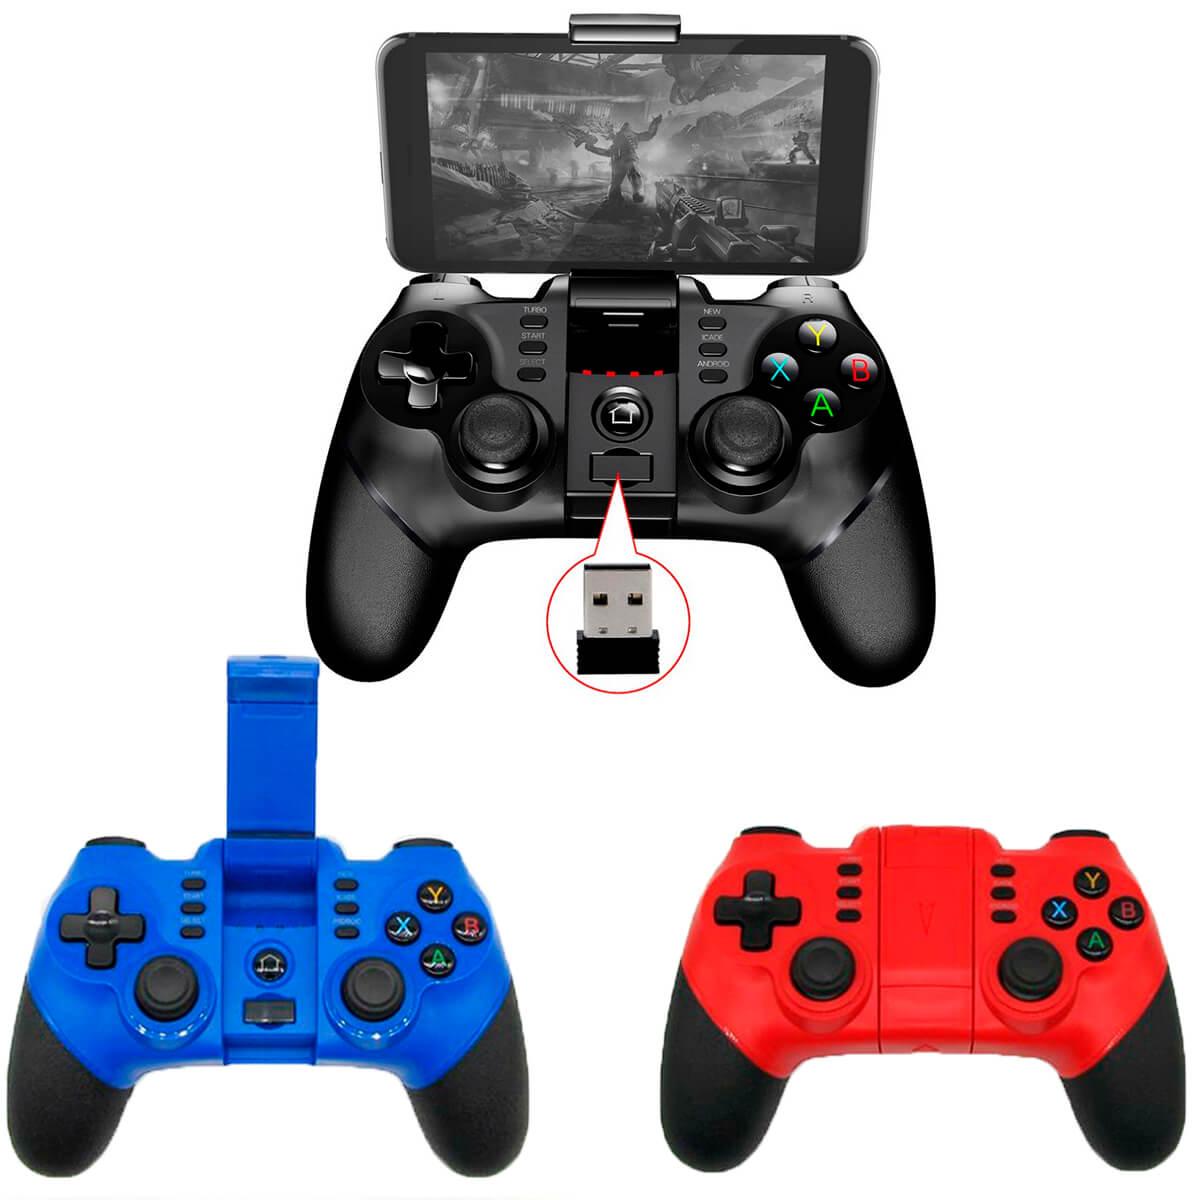 Controle Bluetooth e Wireless Ipega/Knup 9076 para Celular Tablet PC PS3